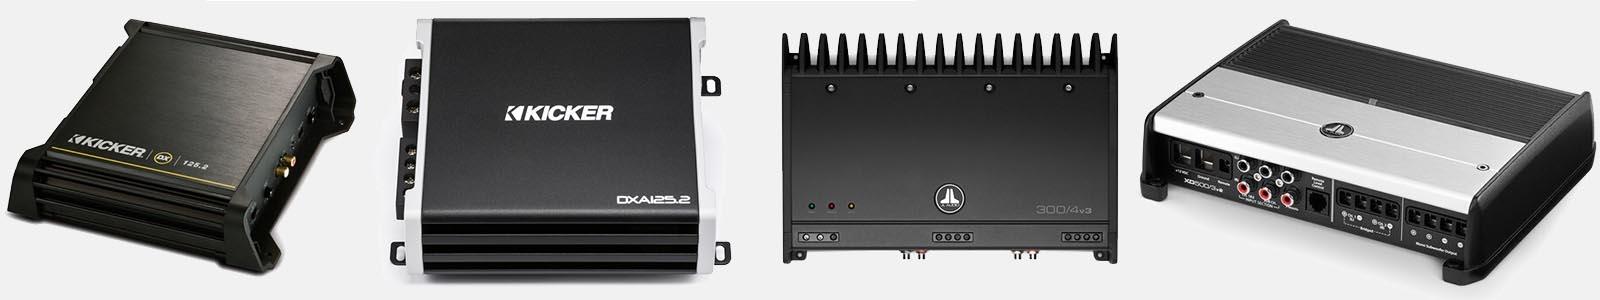 amplifiers-02-01-1.jpg